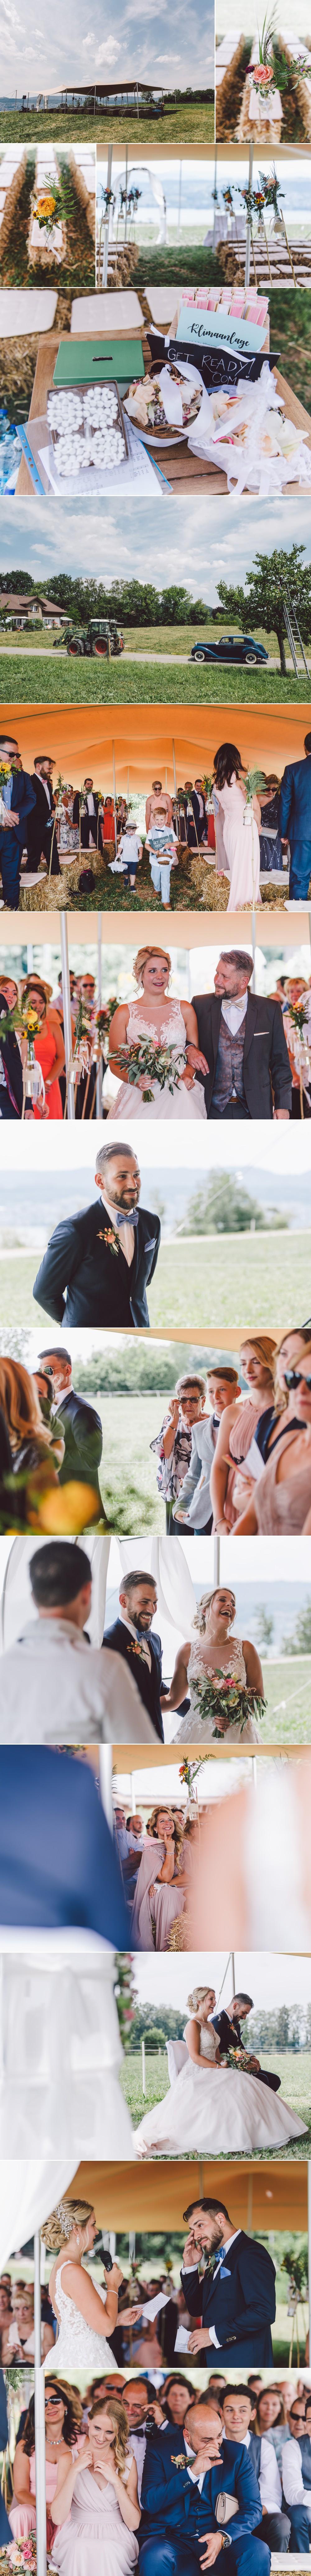 Ich bin Sami Harush, Hochzeitsfotograf aus Zürich